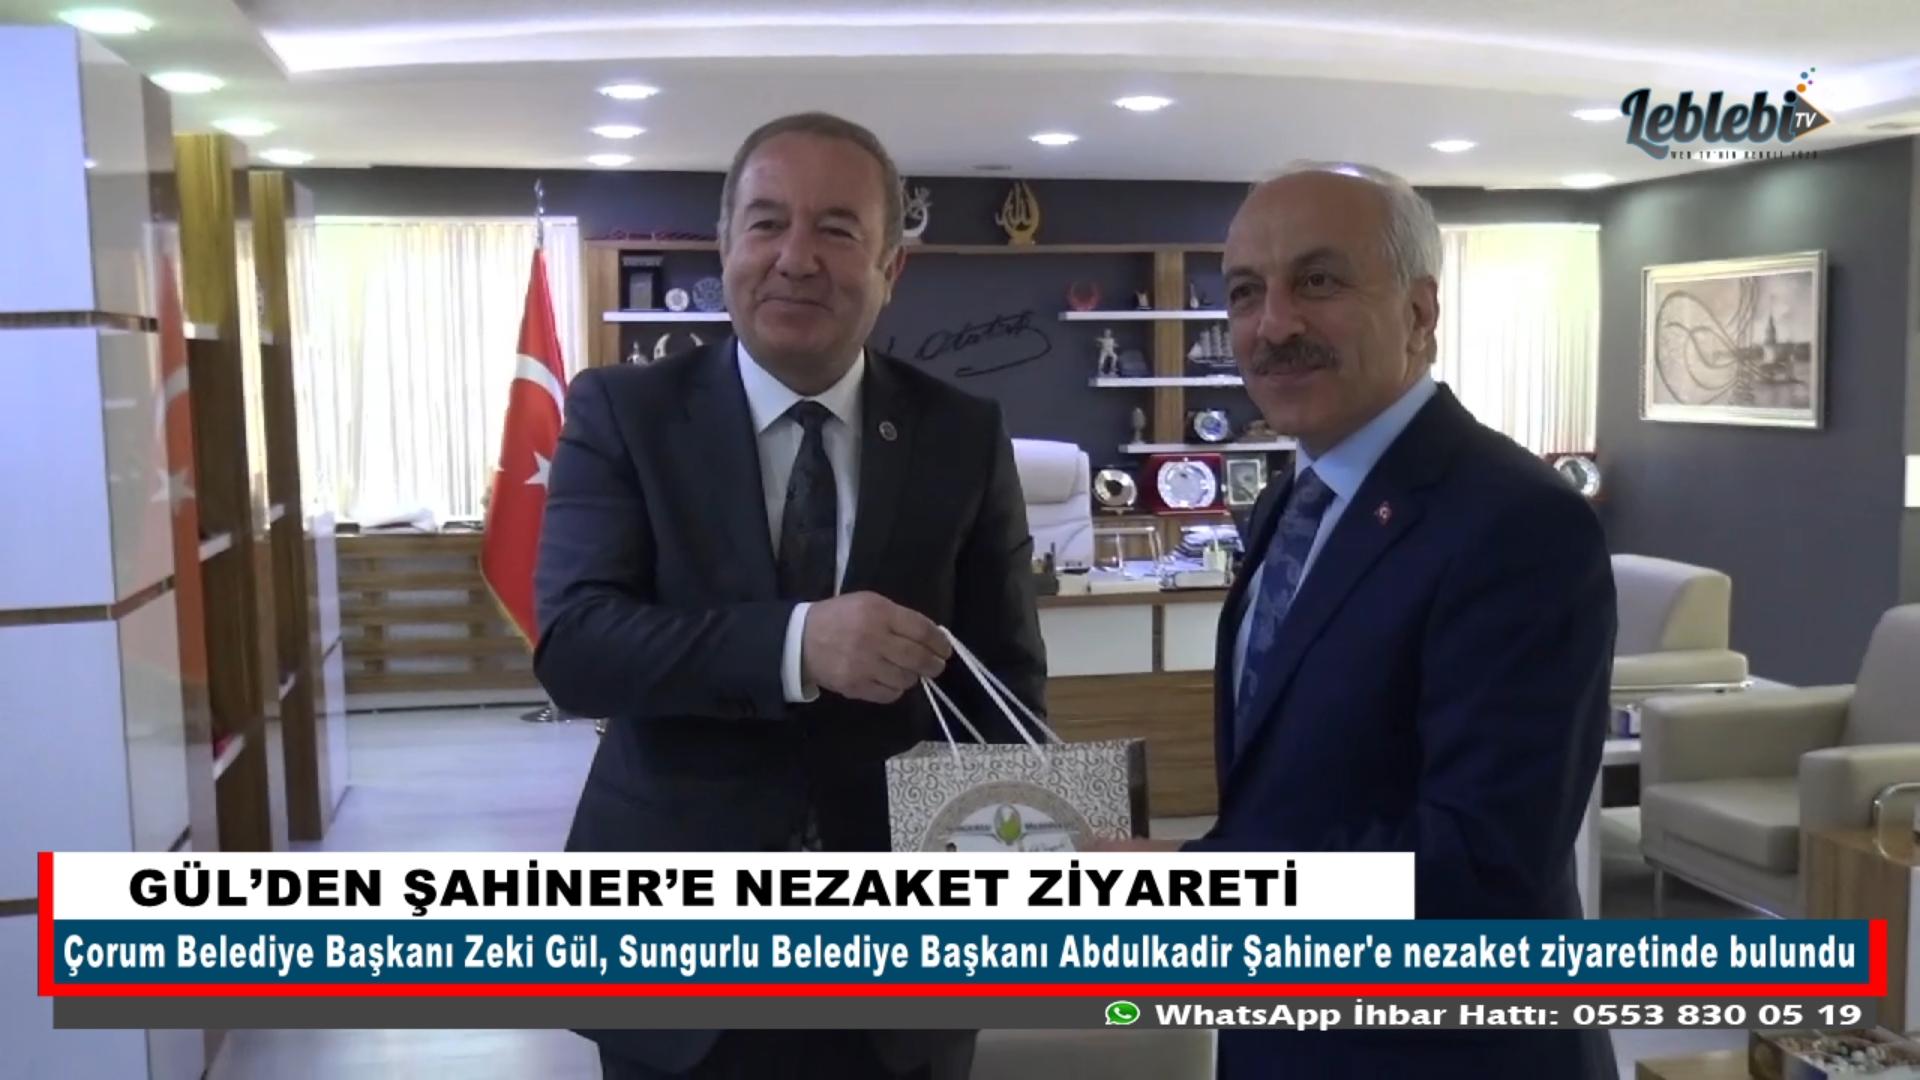 GÜL'DEN ŞAHİNER'E NEZAKET ZİYARETİ